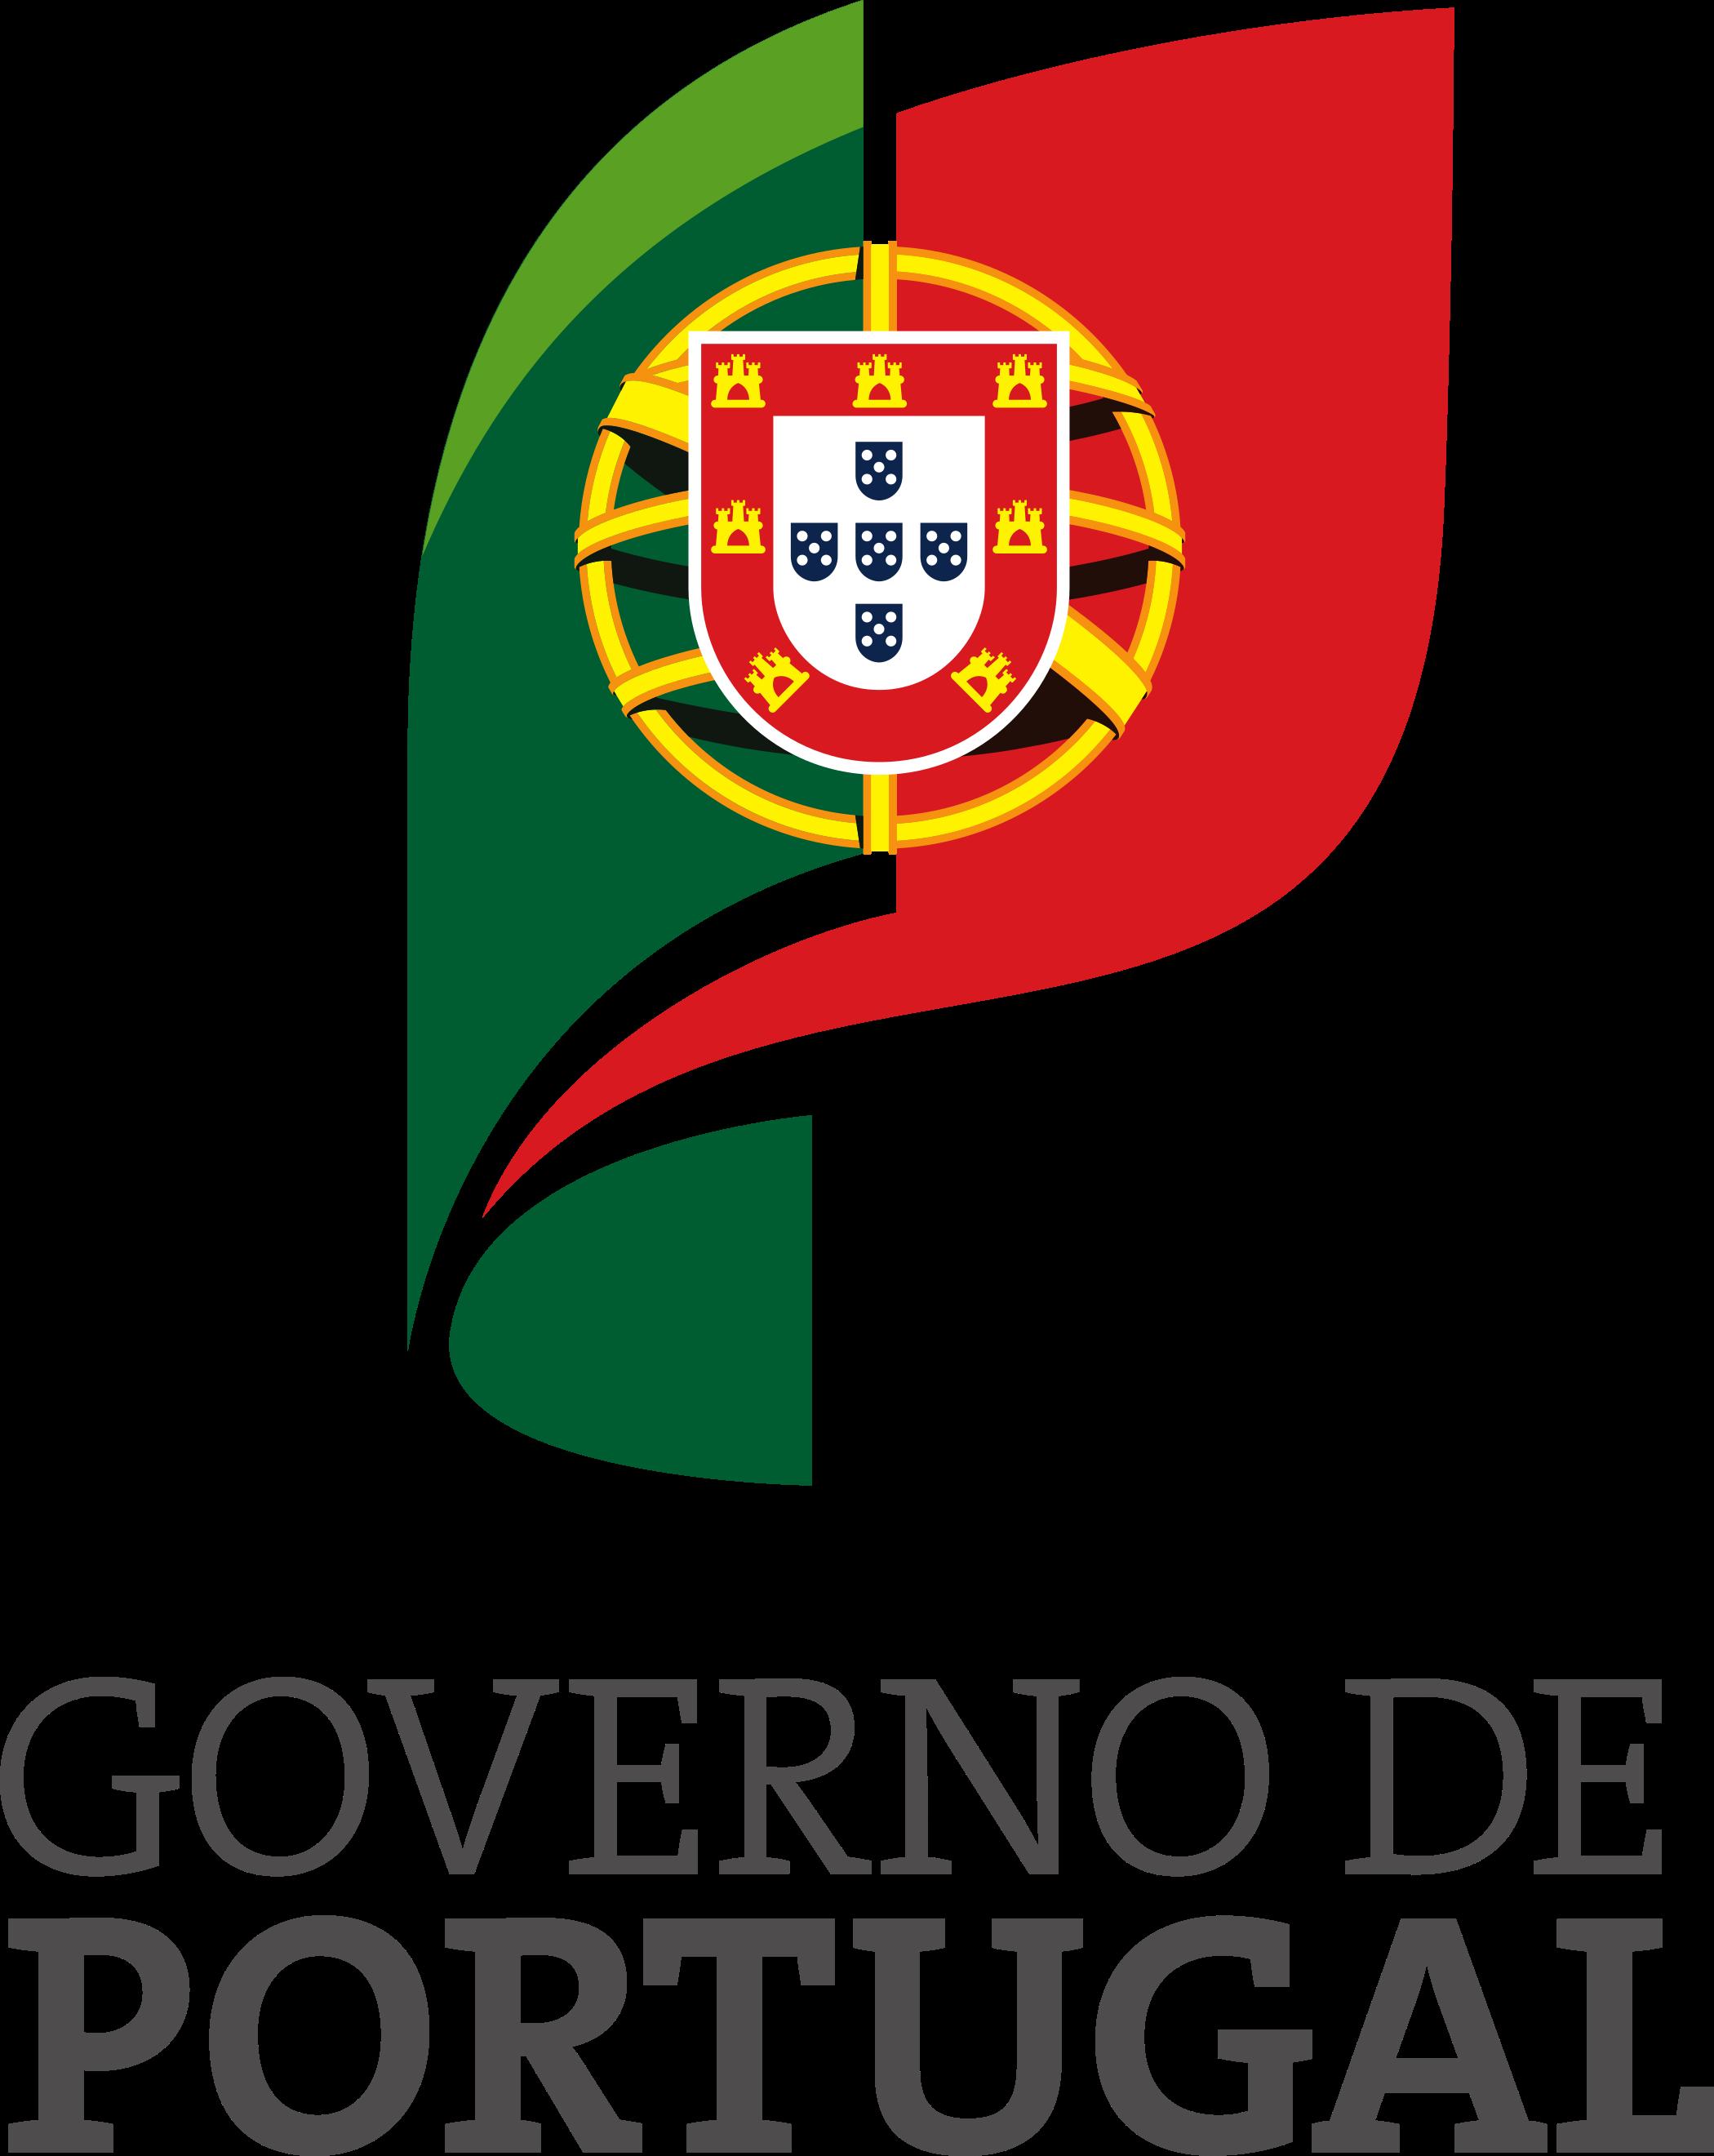 governo portugal 3 - Governo de Portugal Logo